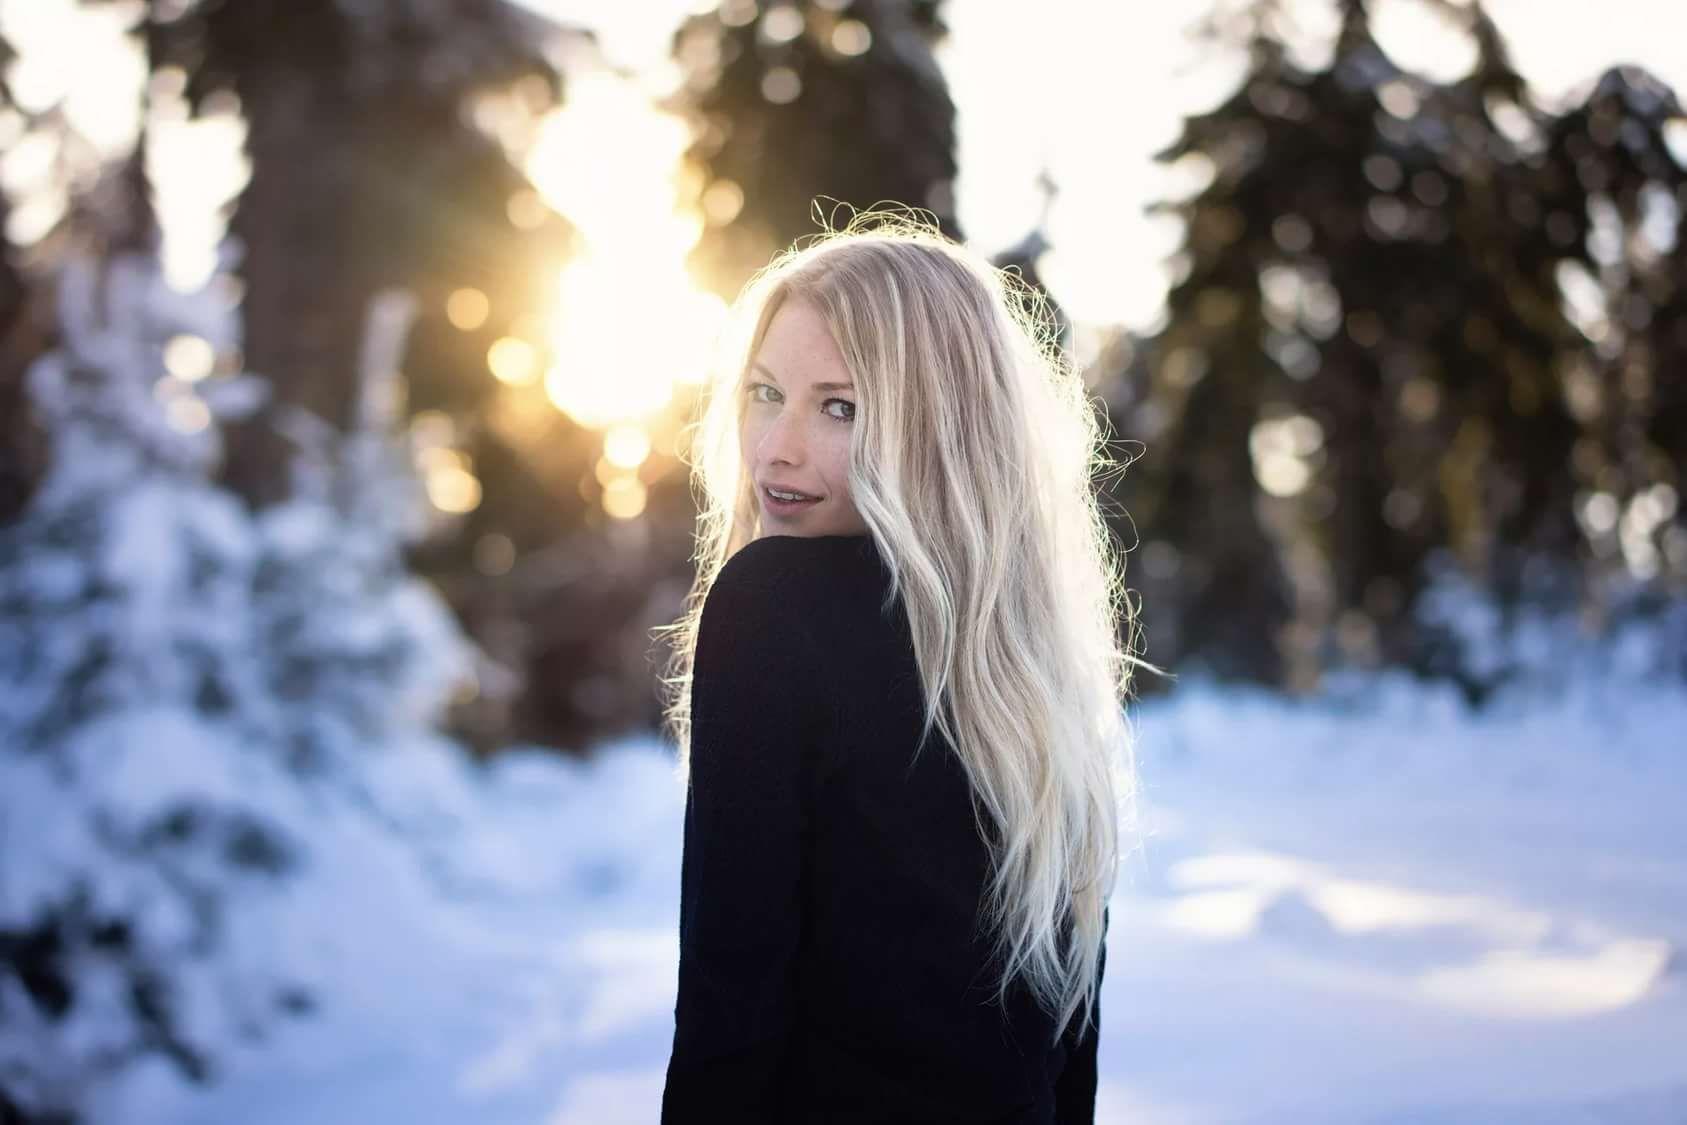 Картинки с девушками красивыми с зимой